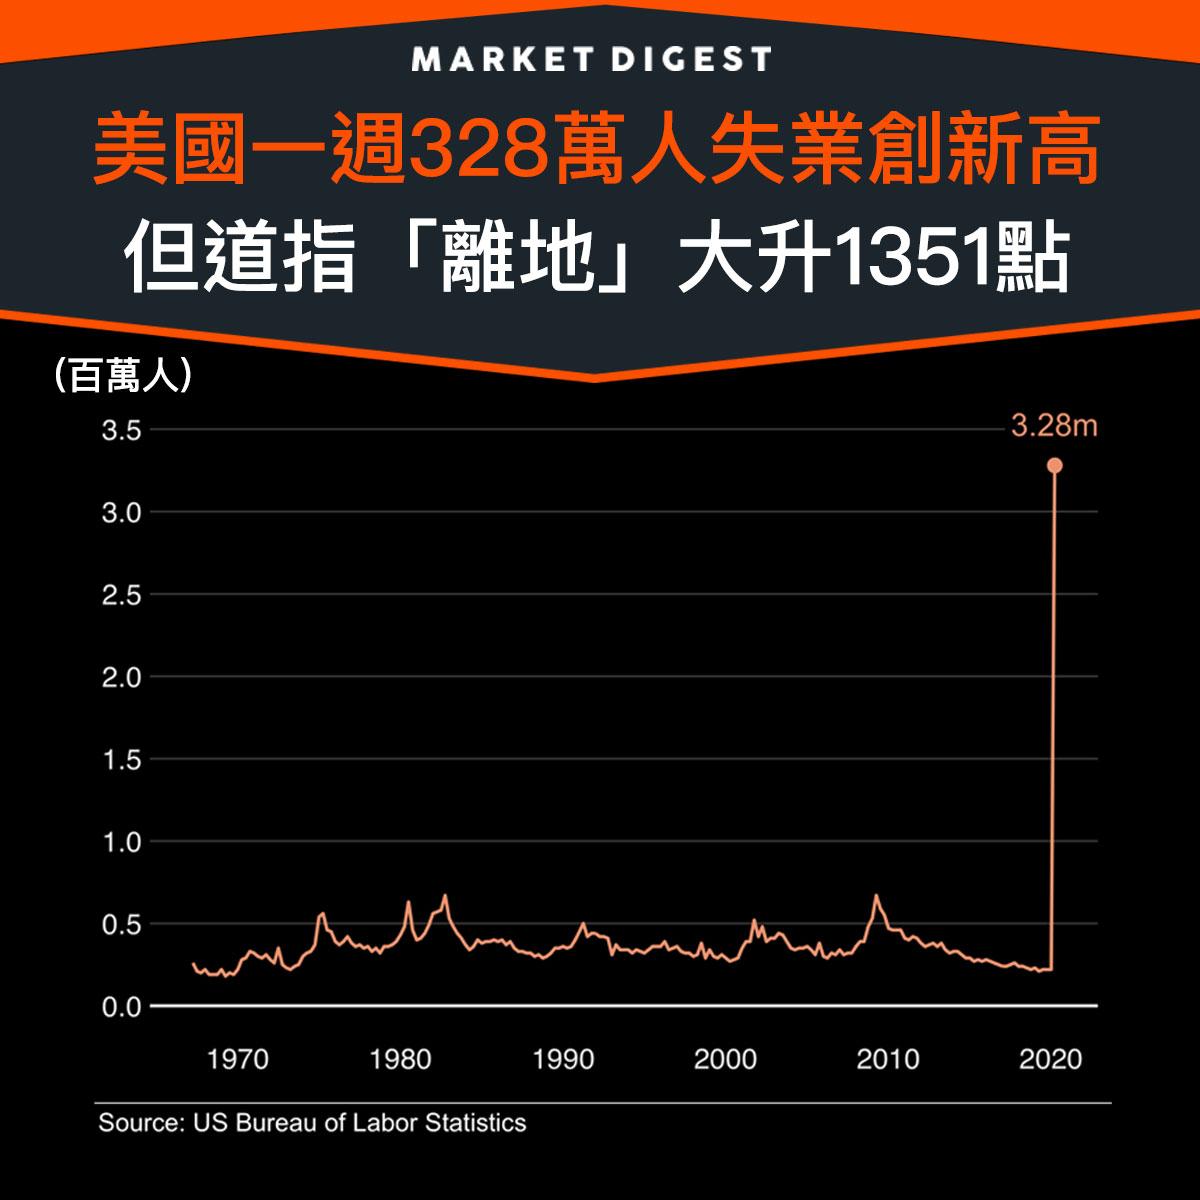 【市場熱話】美國一週328萬人失業創新高,但道指「離地」大升1351點